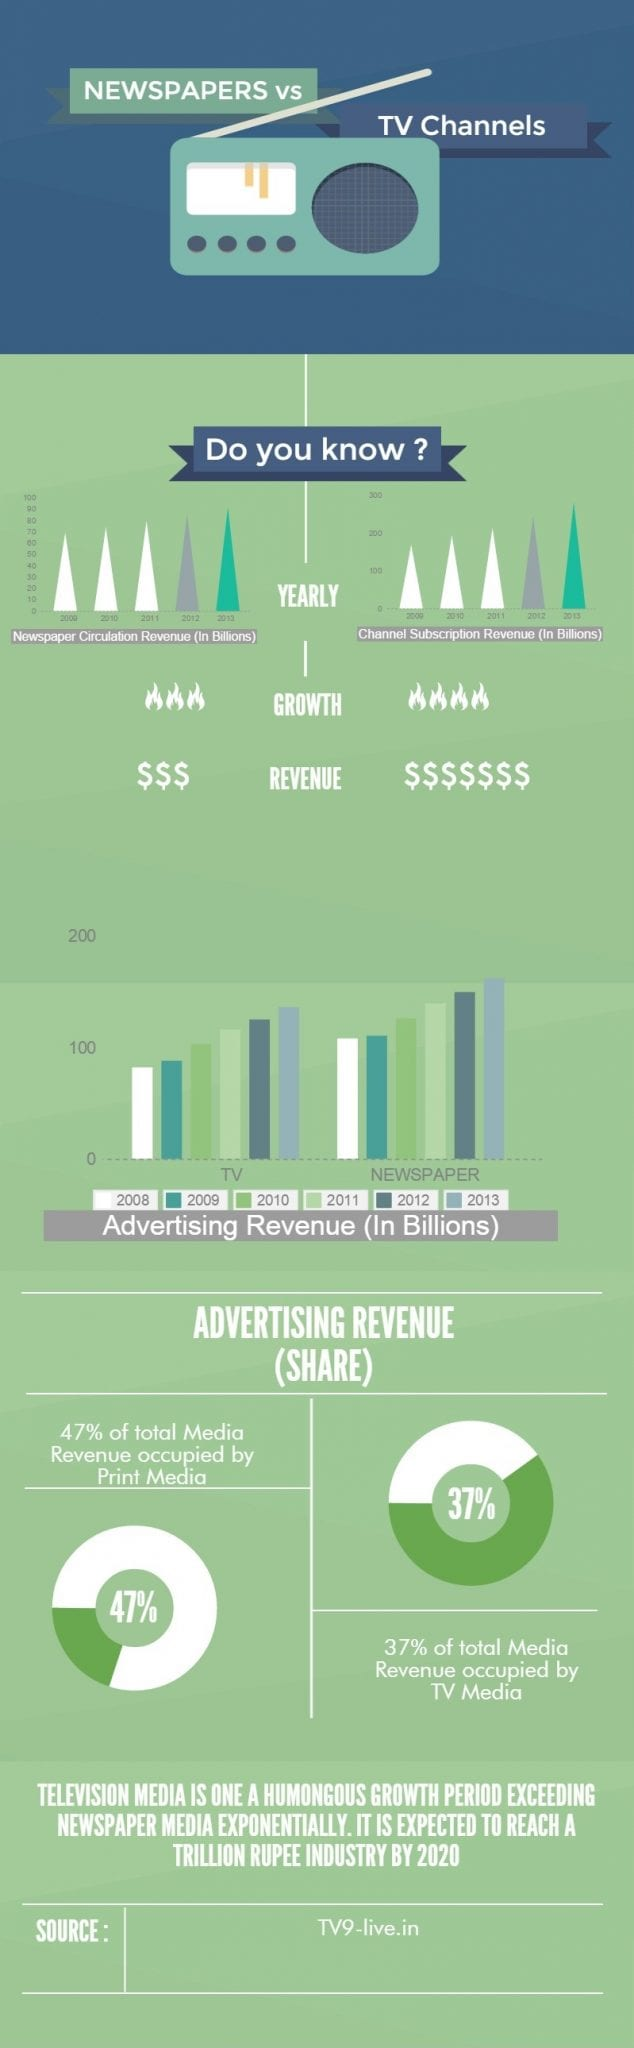 infographic-v